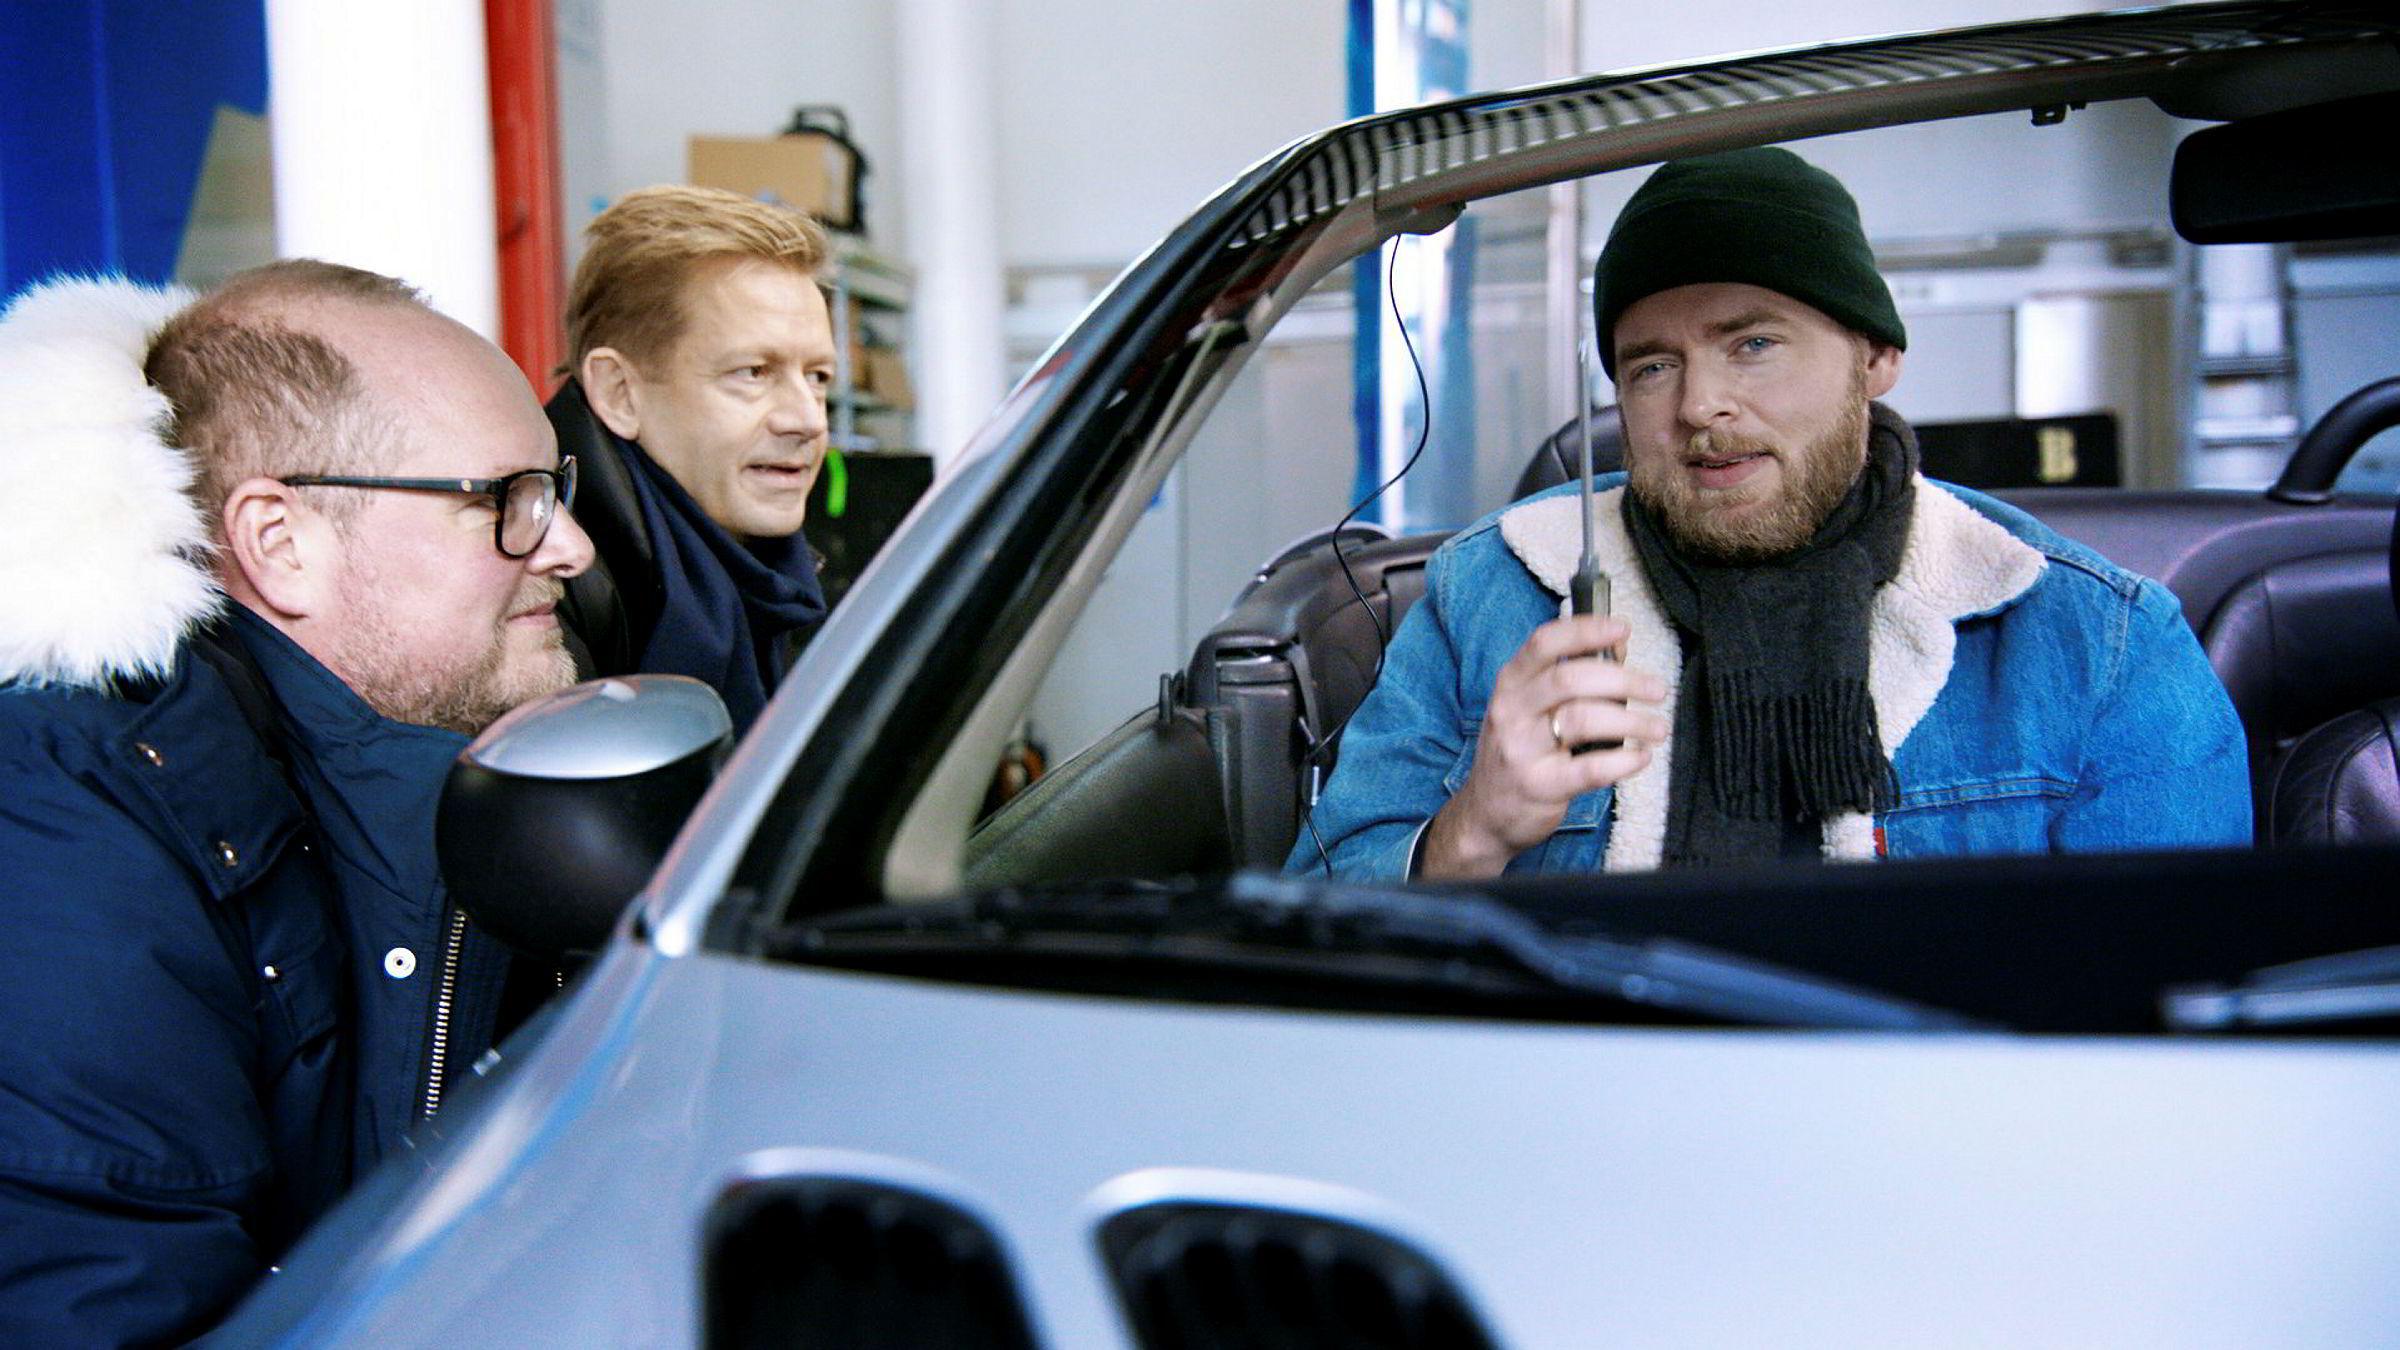 NRK har hanket inn de populære «Radioresepsjonen»-programlederne Steinar Sagen (fra venstre), Bjarte Tjøstheim og Tore Sagen til sin dab-kampanje.